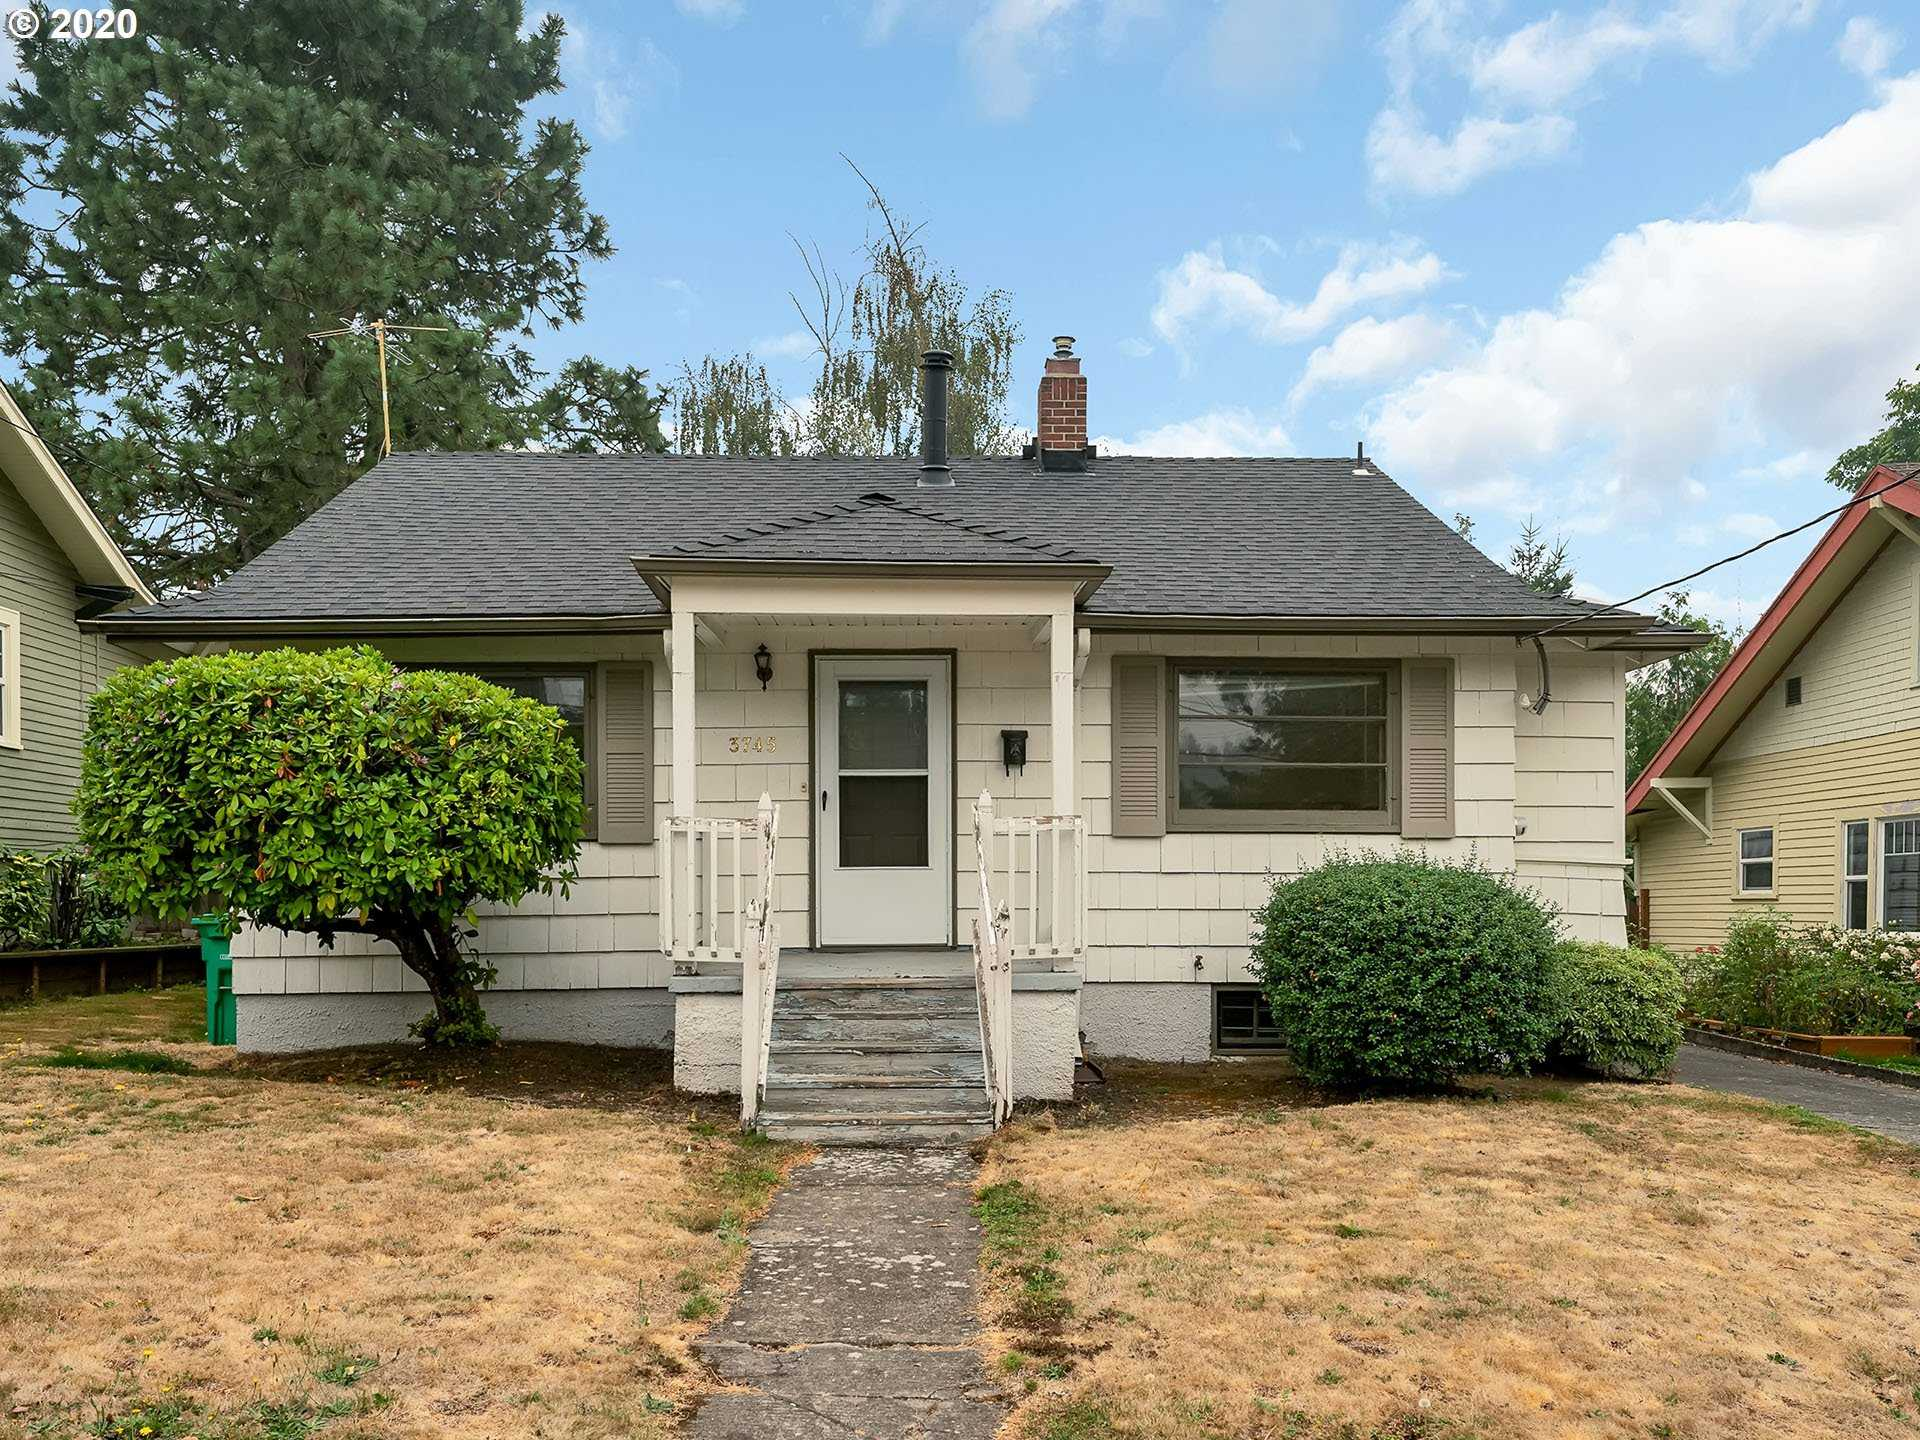 $379,000 - 2Br/1Ba - for Sale in Roseway, Portland